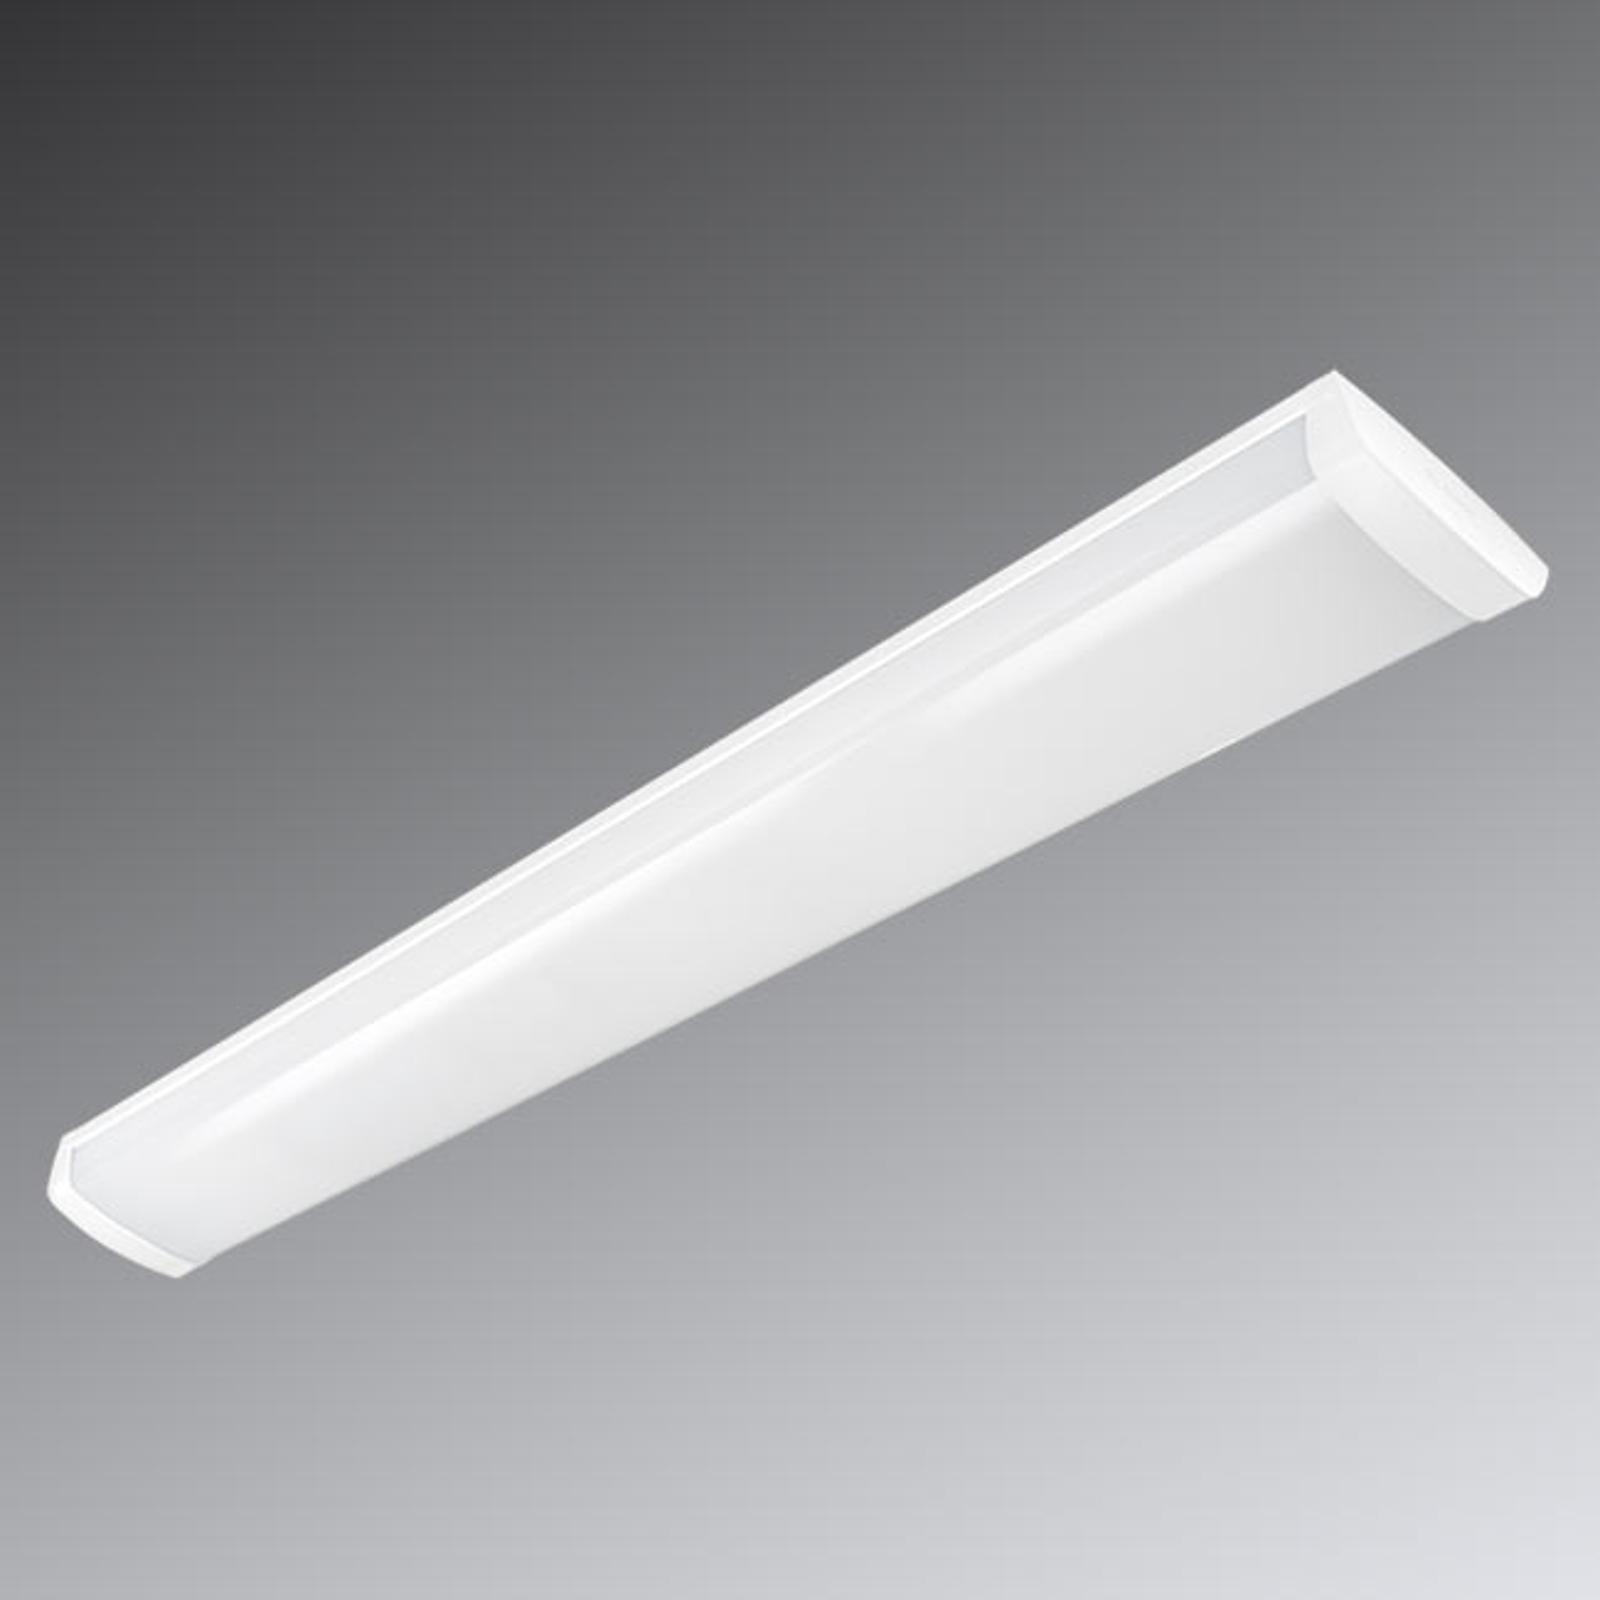 Długa lampa sufitowa LED i60-1500 6000 HF 4000K